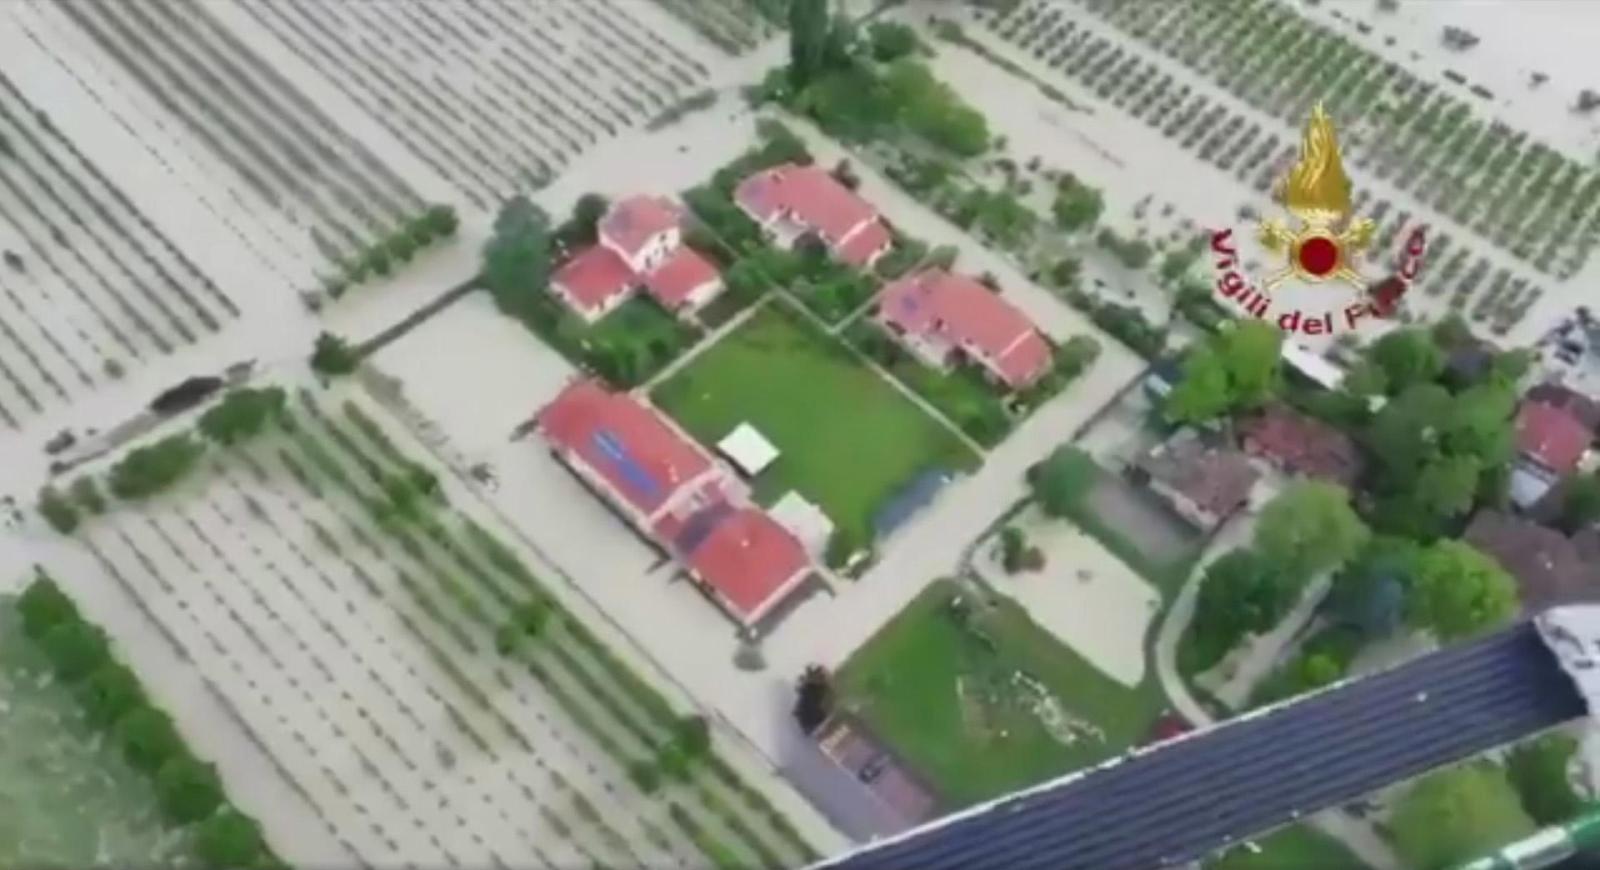 Powódź we Włoszech  EPA/VIGILI DEL FUOCO